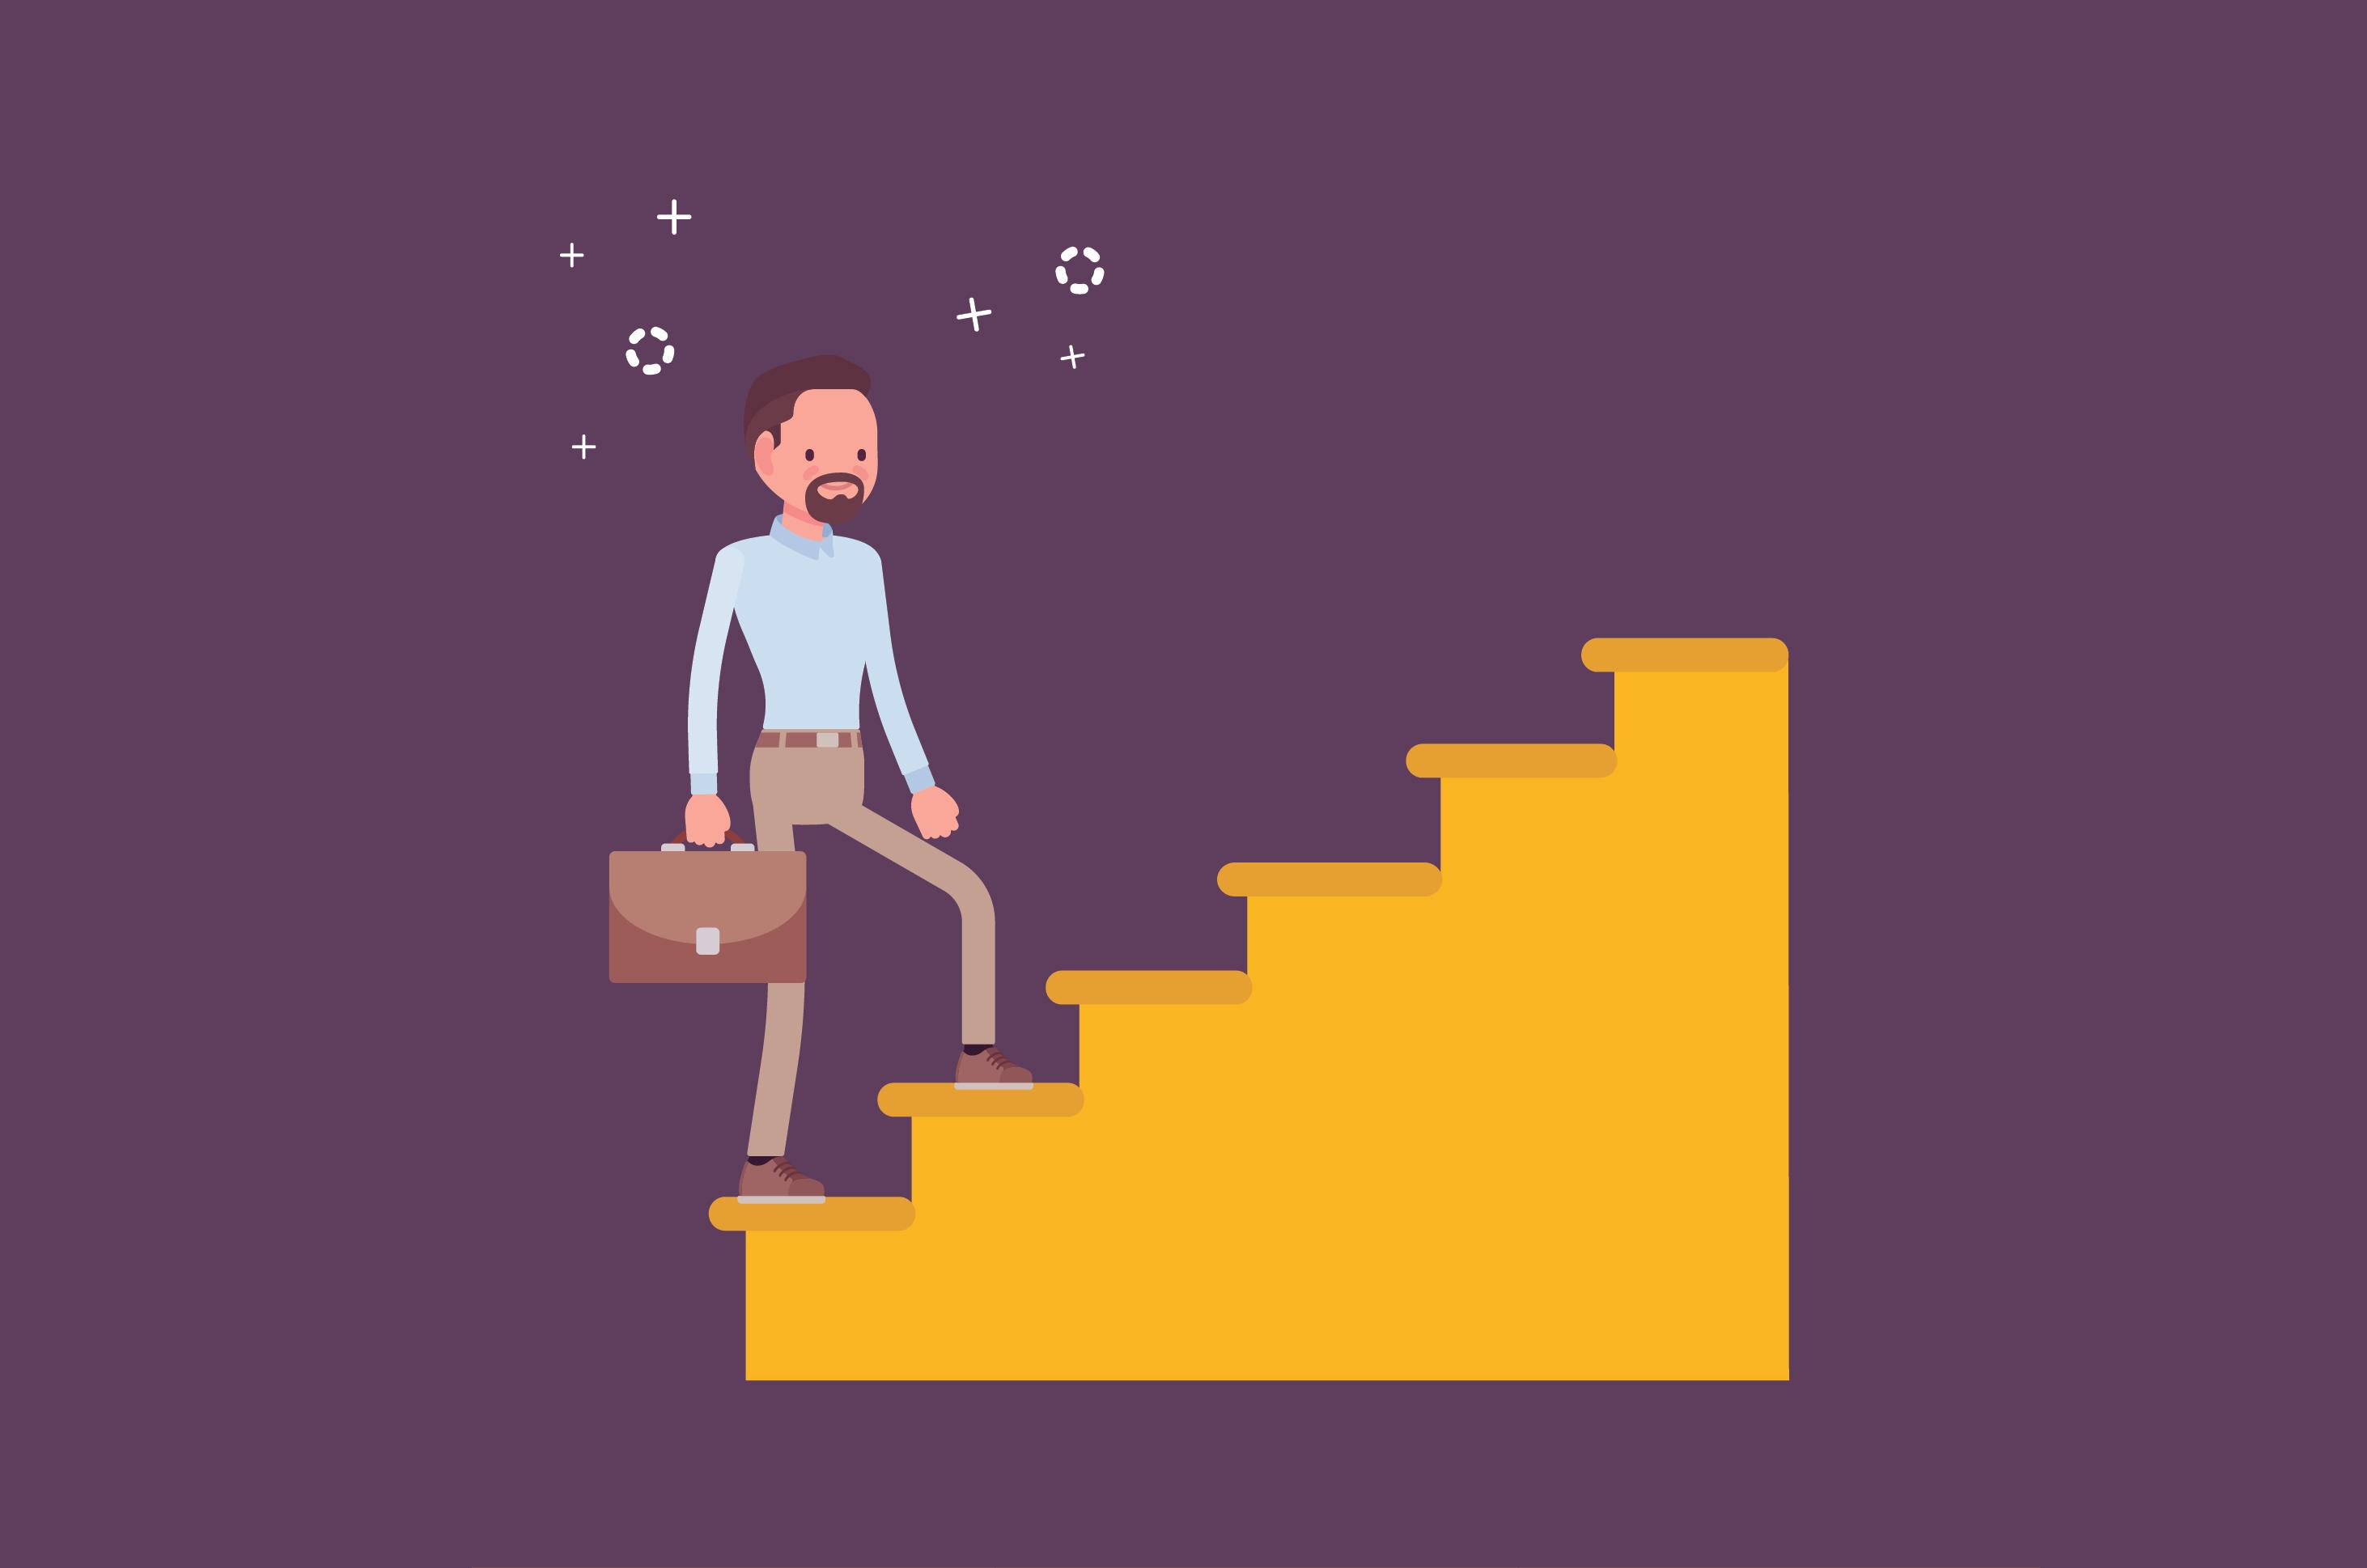 manfaat naik tangga, olahraga ringan,malas naik tangga